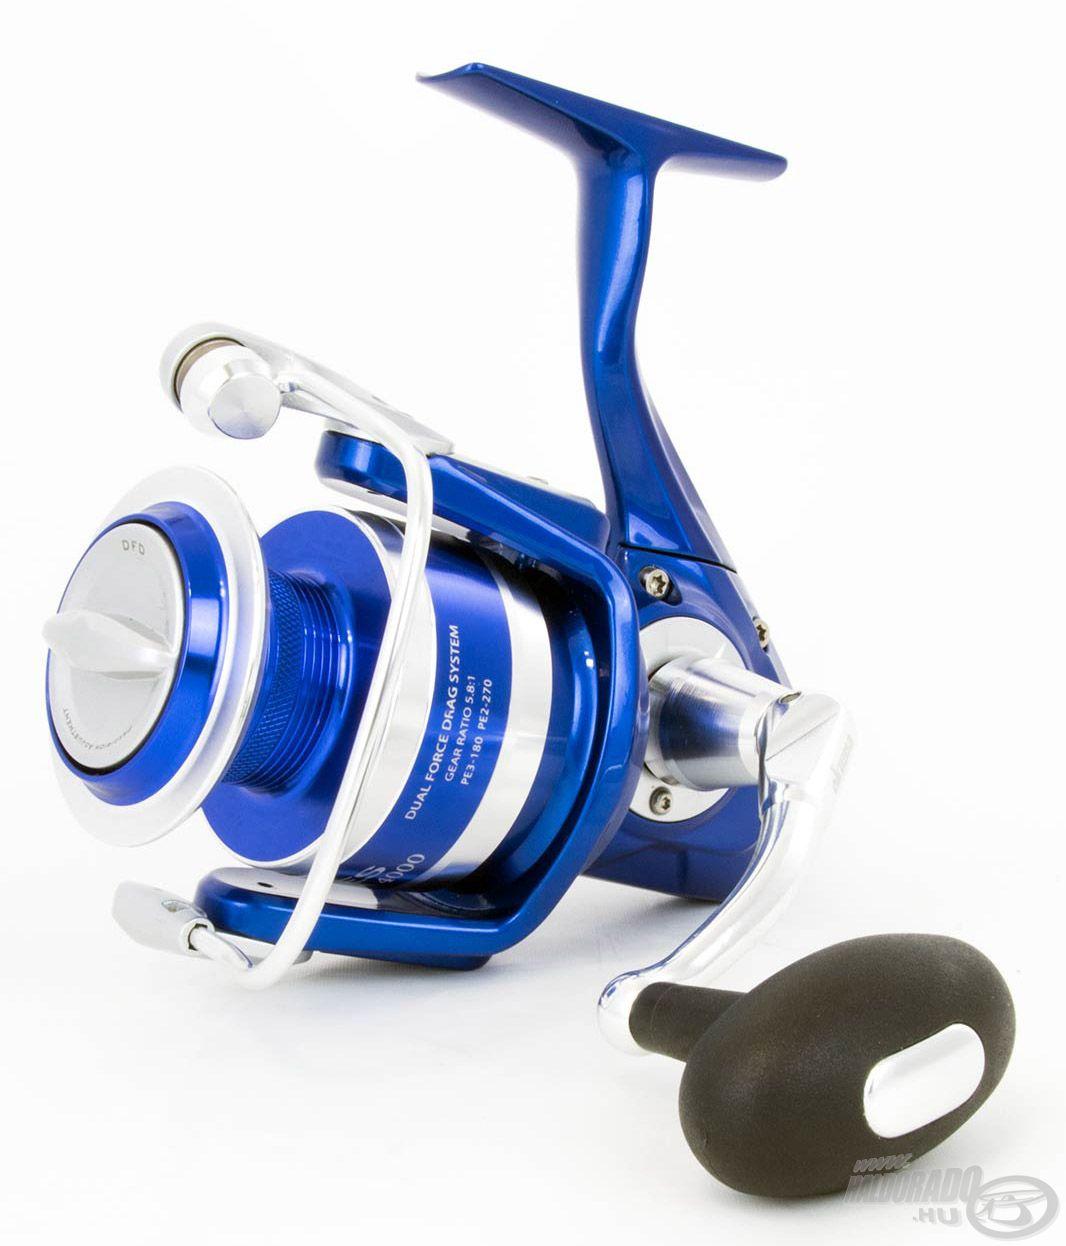 """Az Okuma egyik legújabb fejlesztésű """"erőgépe"""" az Azores Blue, melynek 4000-es változata a pergető harcsahorgászatra is tökéletes választás"""